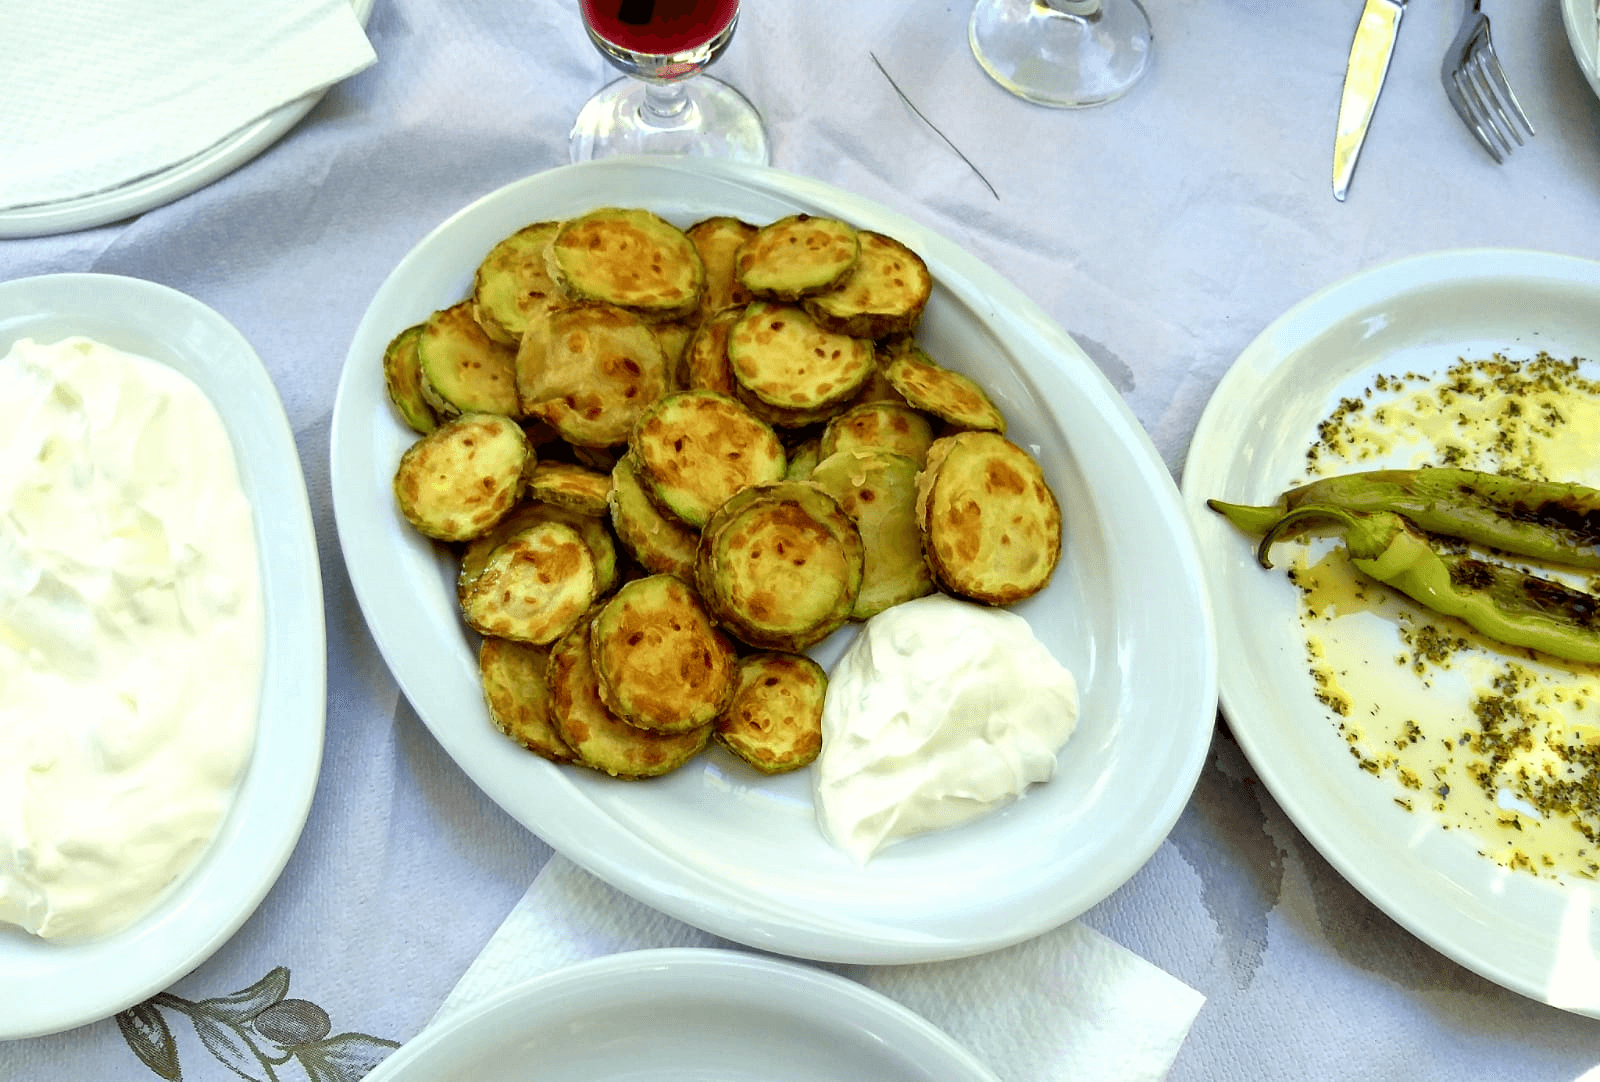 ארוחת צהריים בטברנה סוניה, חלקידיקי